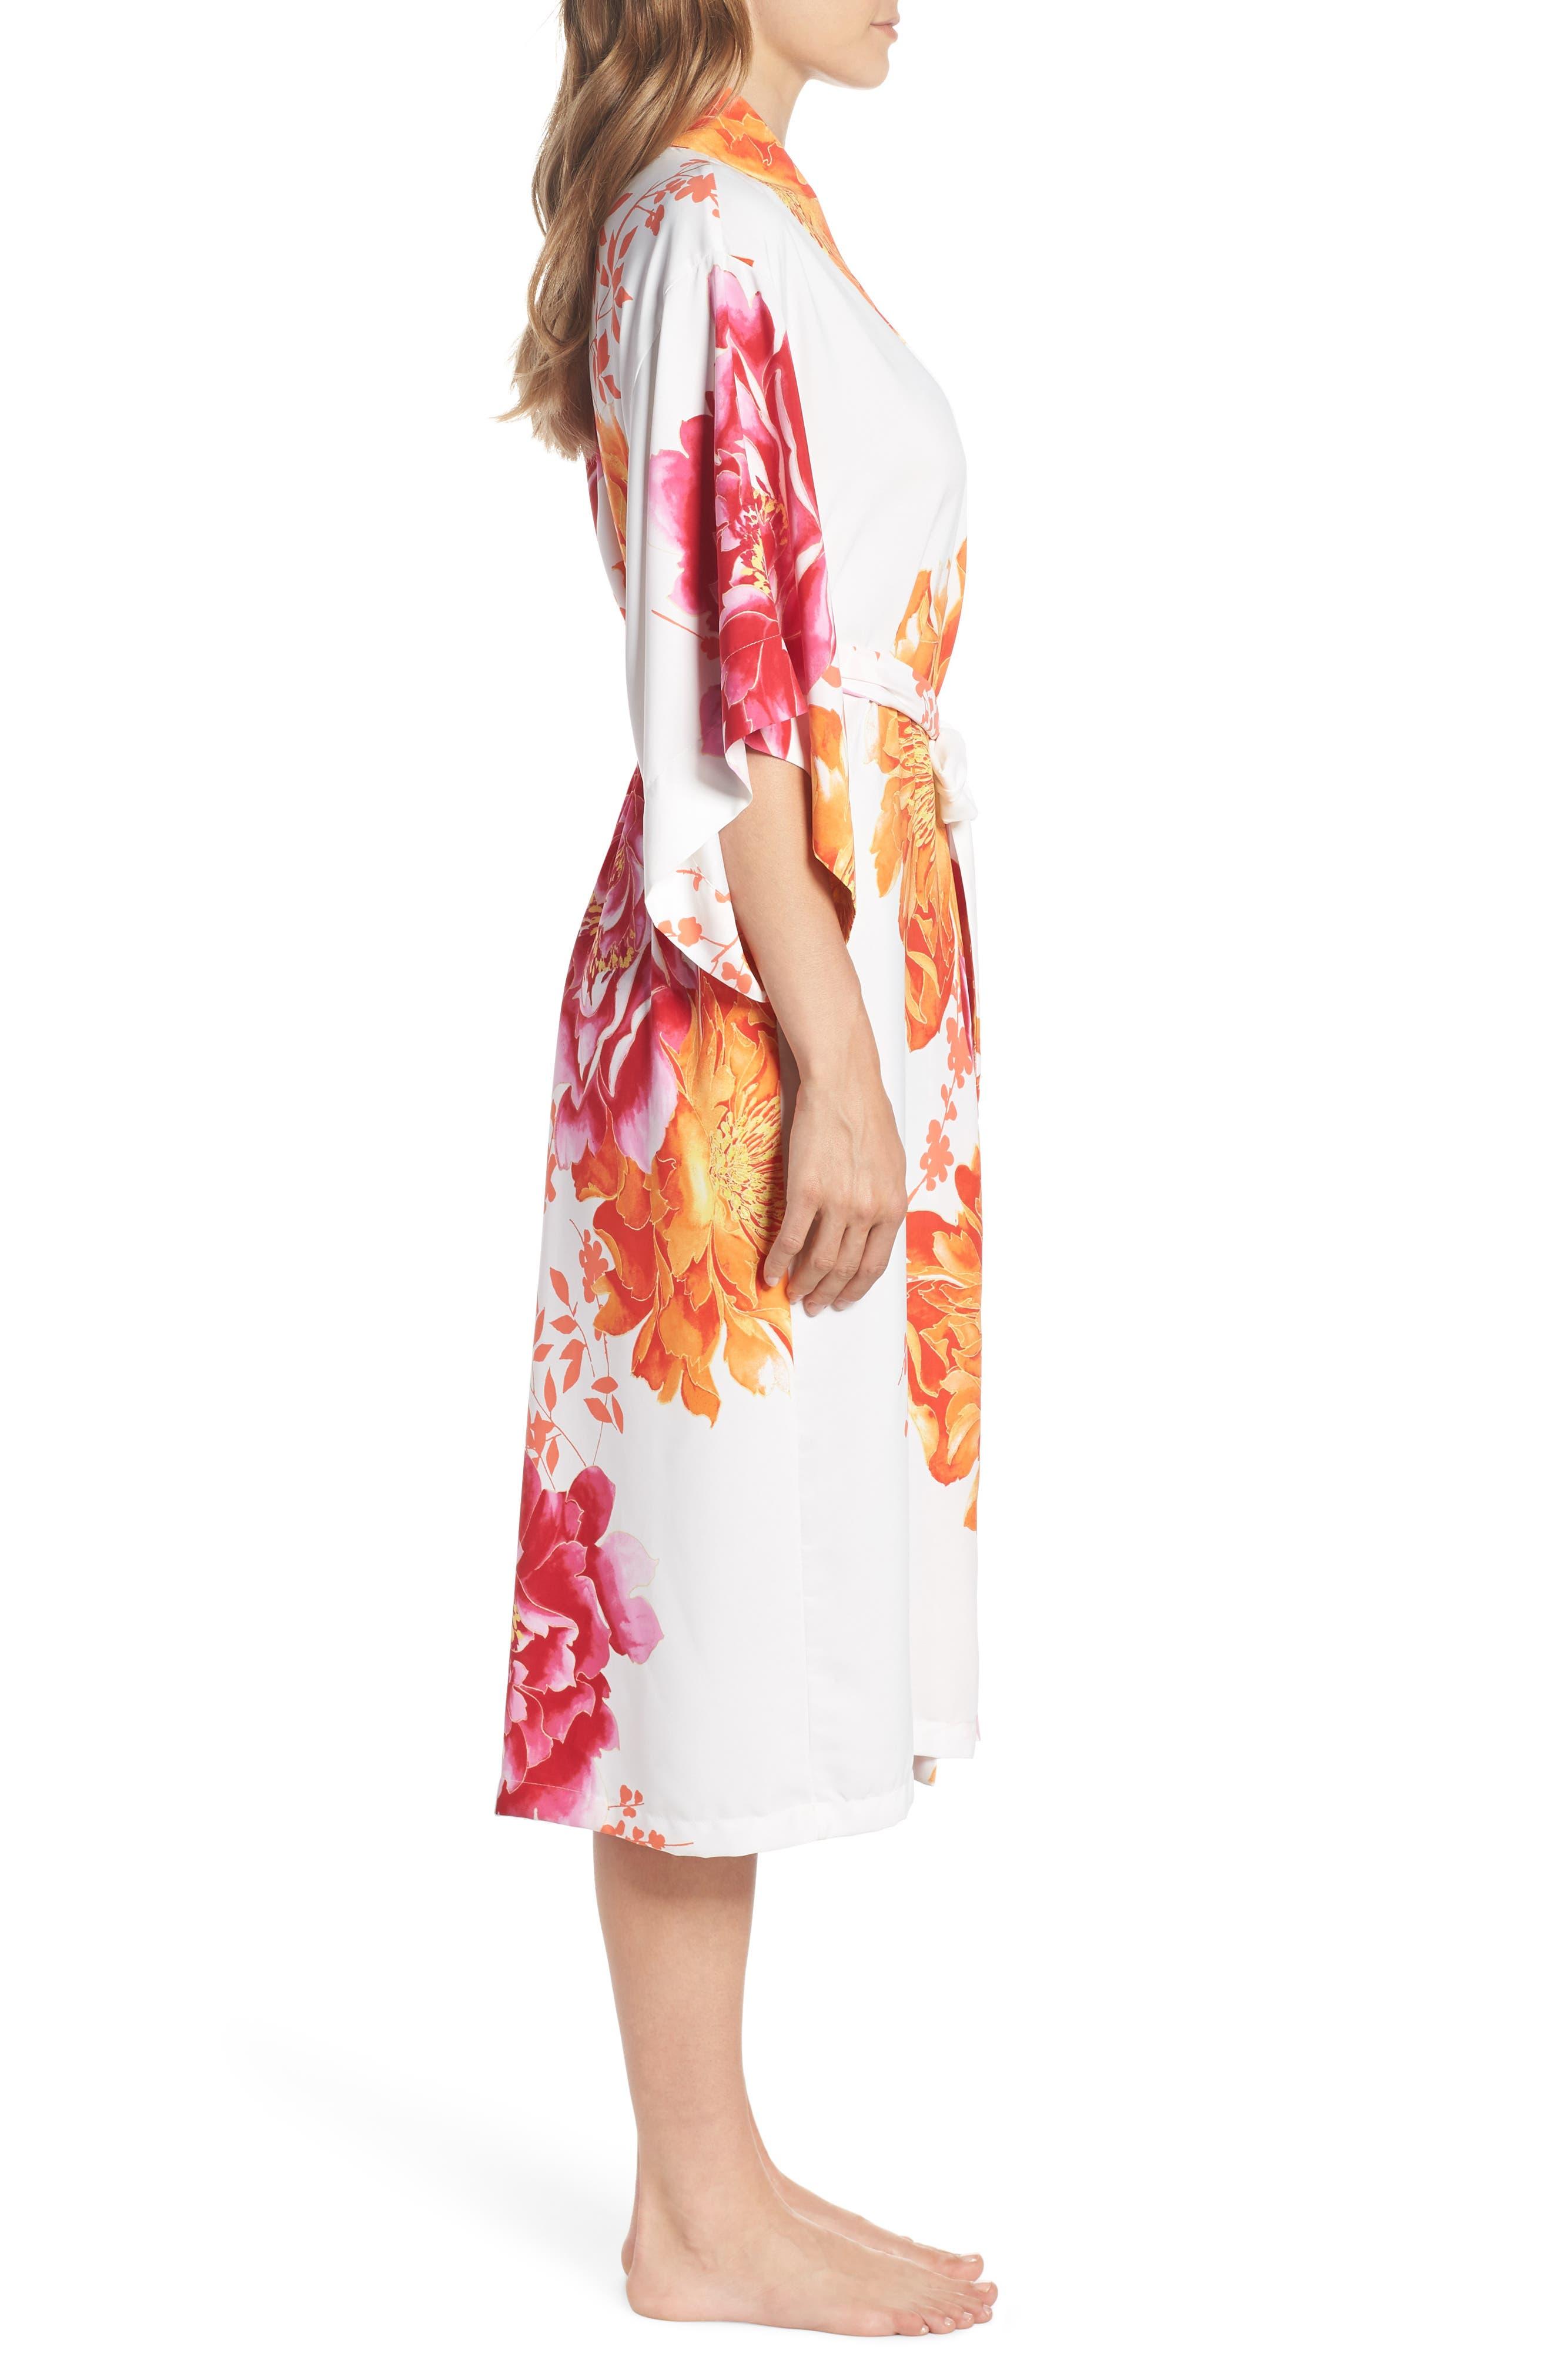 Bali Floral Print Robe,                             Alternate thumbnail 3, color,                             Warm White